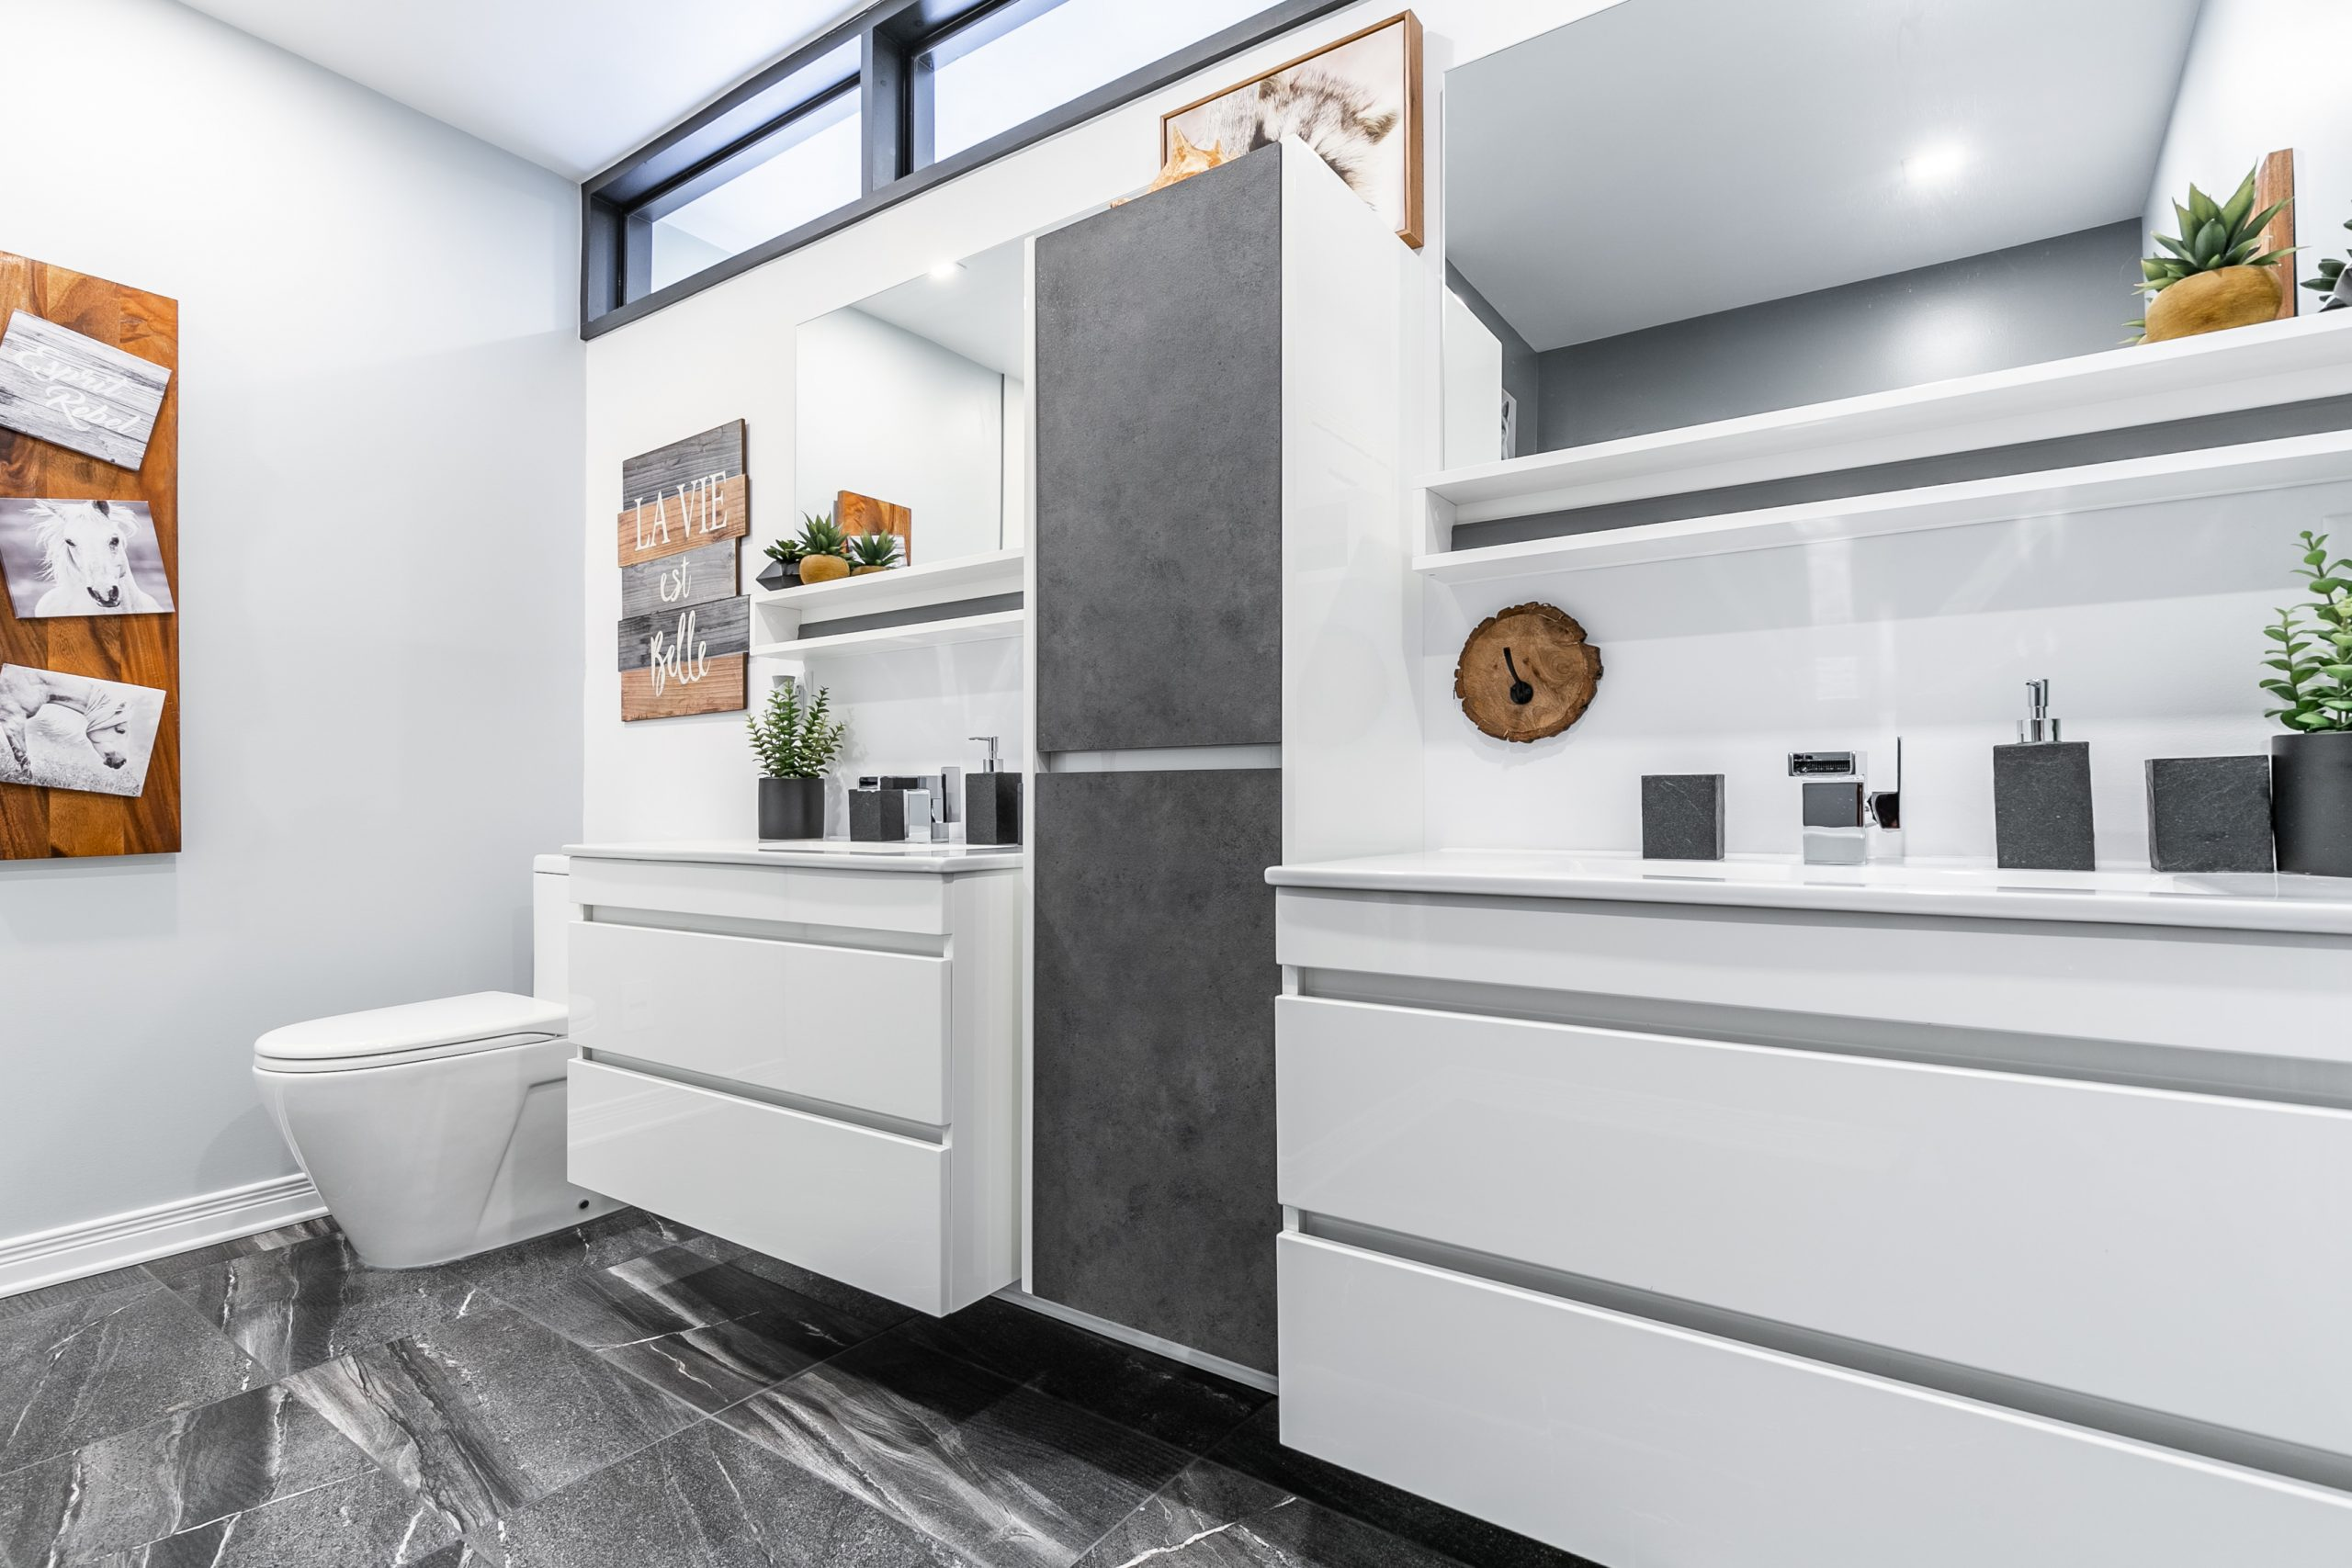 salle de bain fonctionnelle et épurée avec deux vanités blanches suspendues